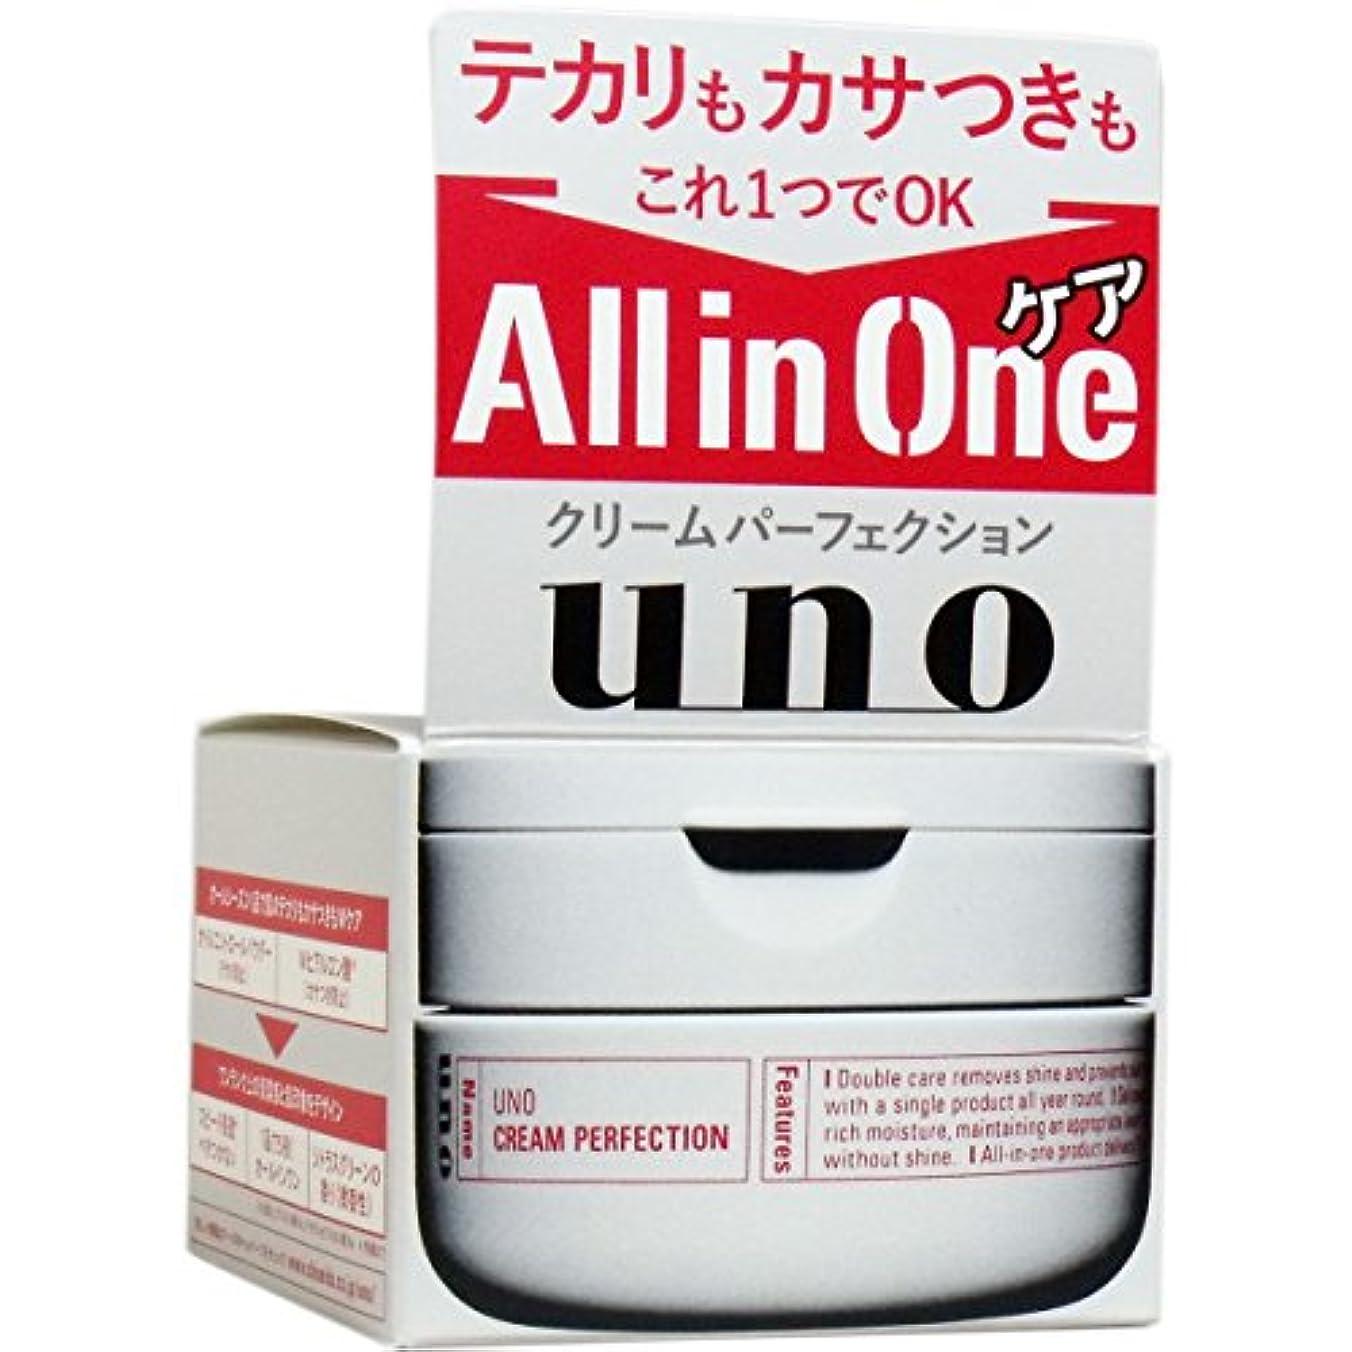 自発的慢な多様性【資生堂】ウーノ(uno) クリームパーフェクション 90g ×3個セット